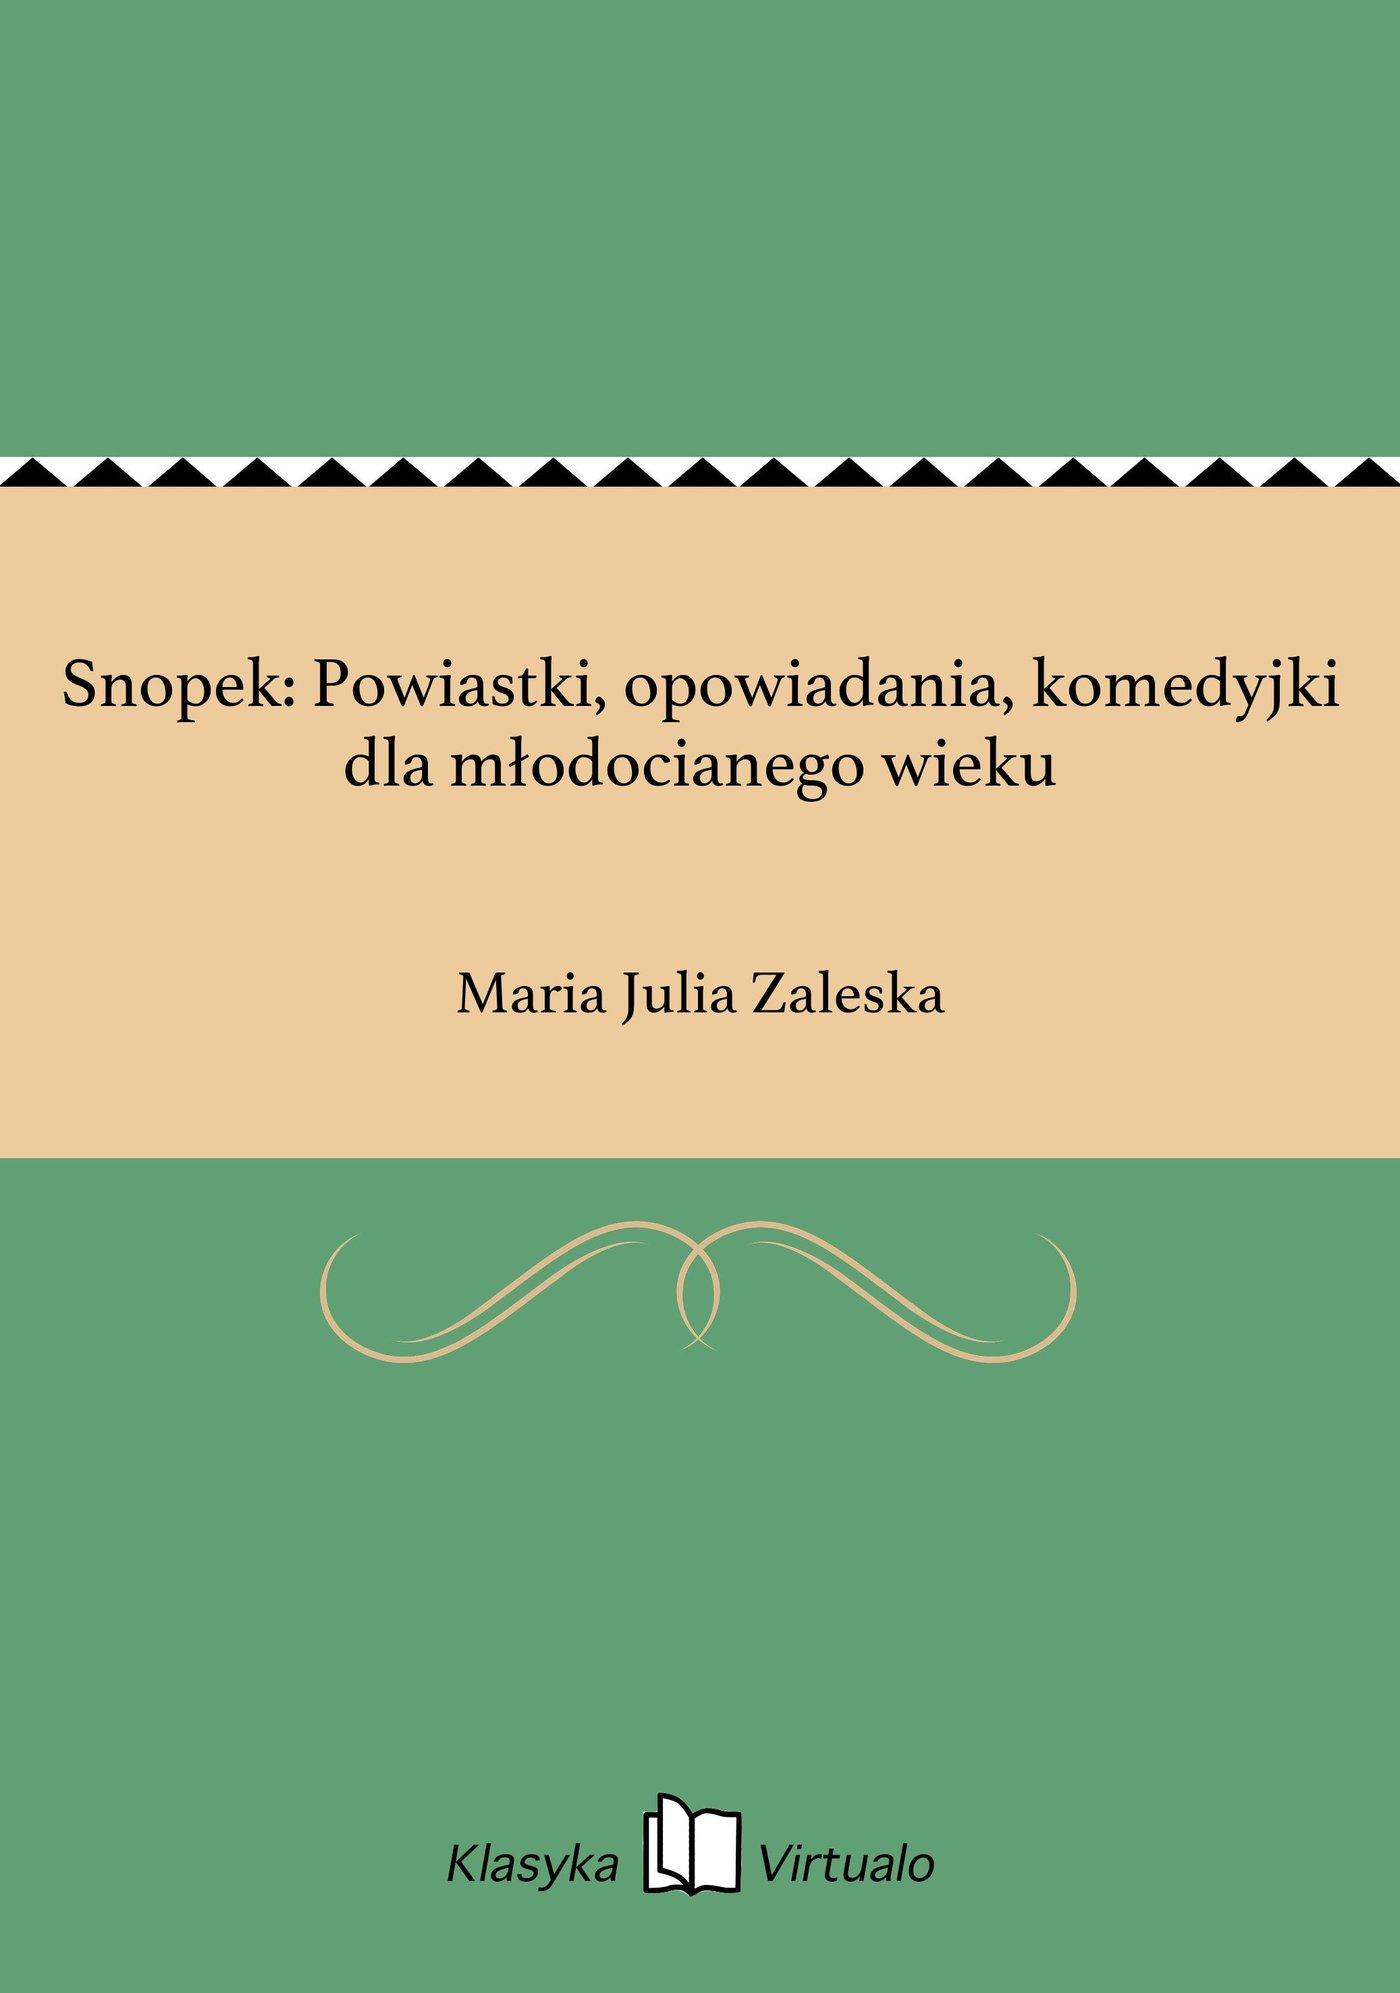 Snopek: Powiastki, opowiadania, komedyjki dla młodocianego wieku - Ebook (Książka na Kindle) do pobrania w formacie MOBI